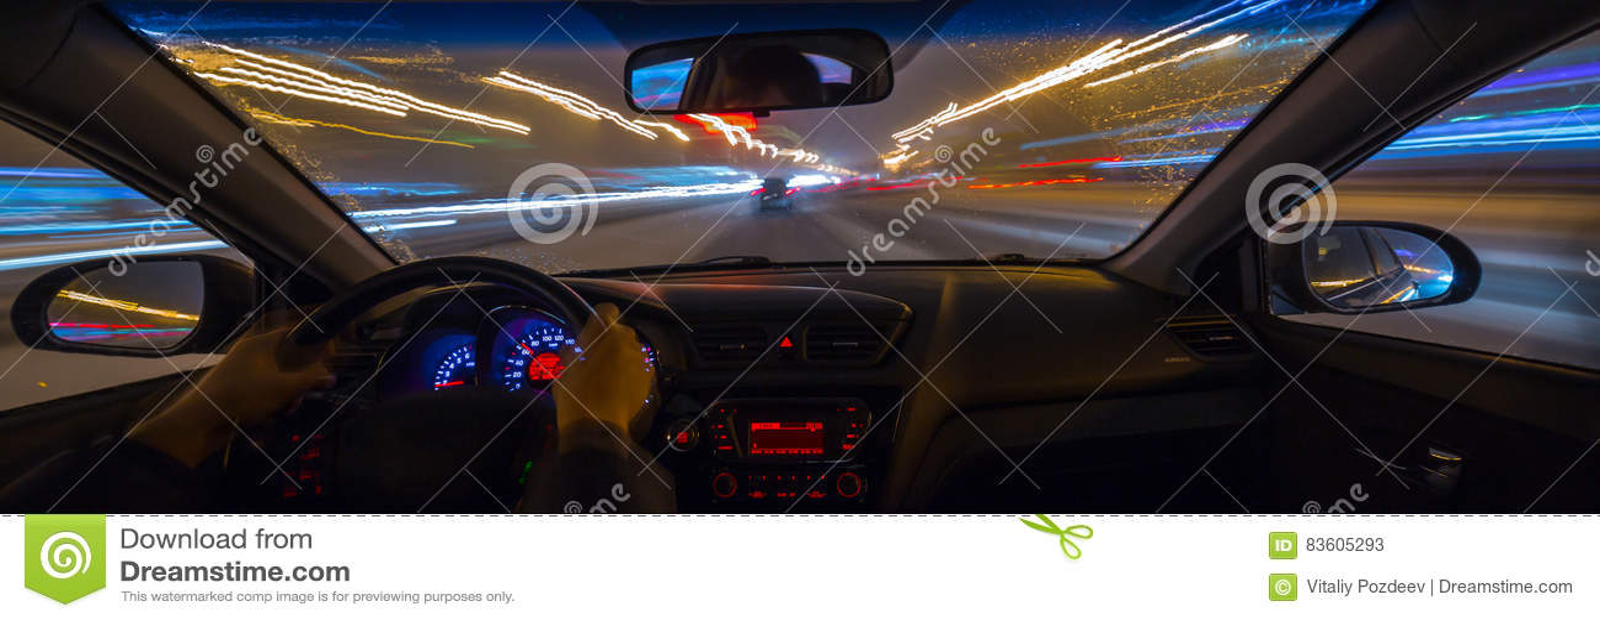 汽车在晚上移动